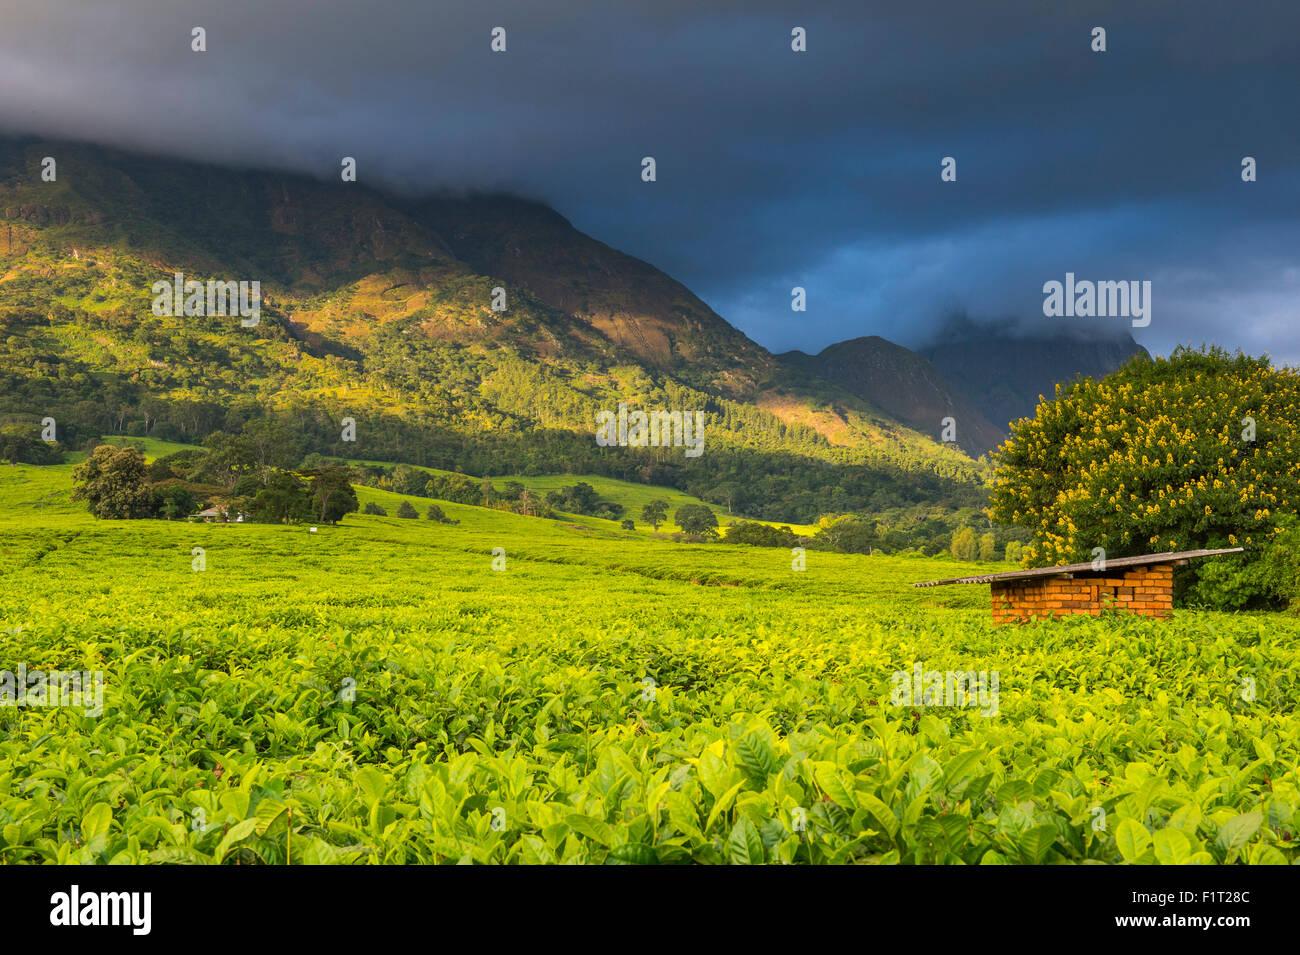 Tenuta di tè sul Monte Mulanje, Malawi, Africa Immagini Stock